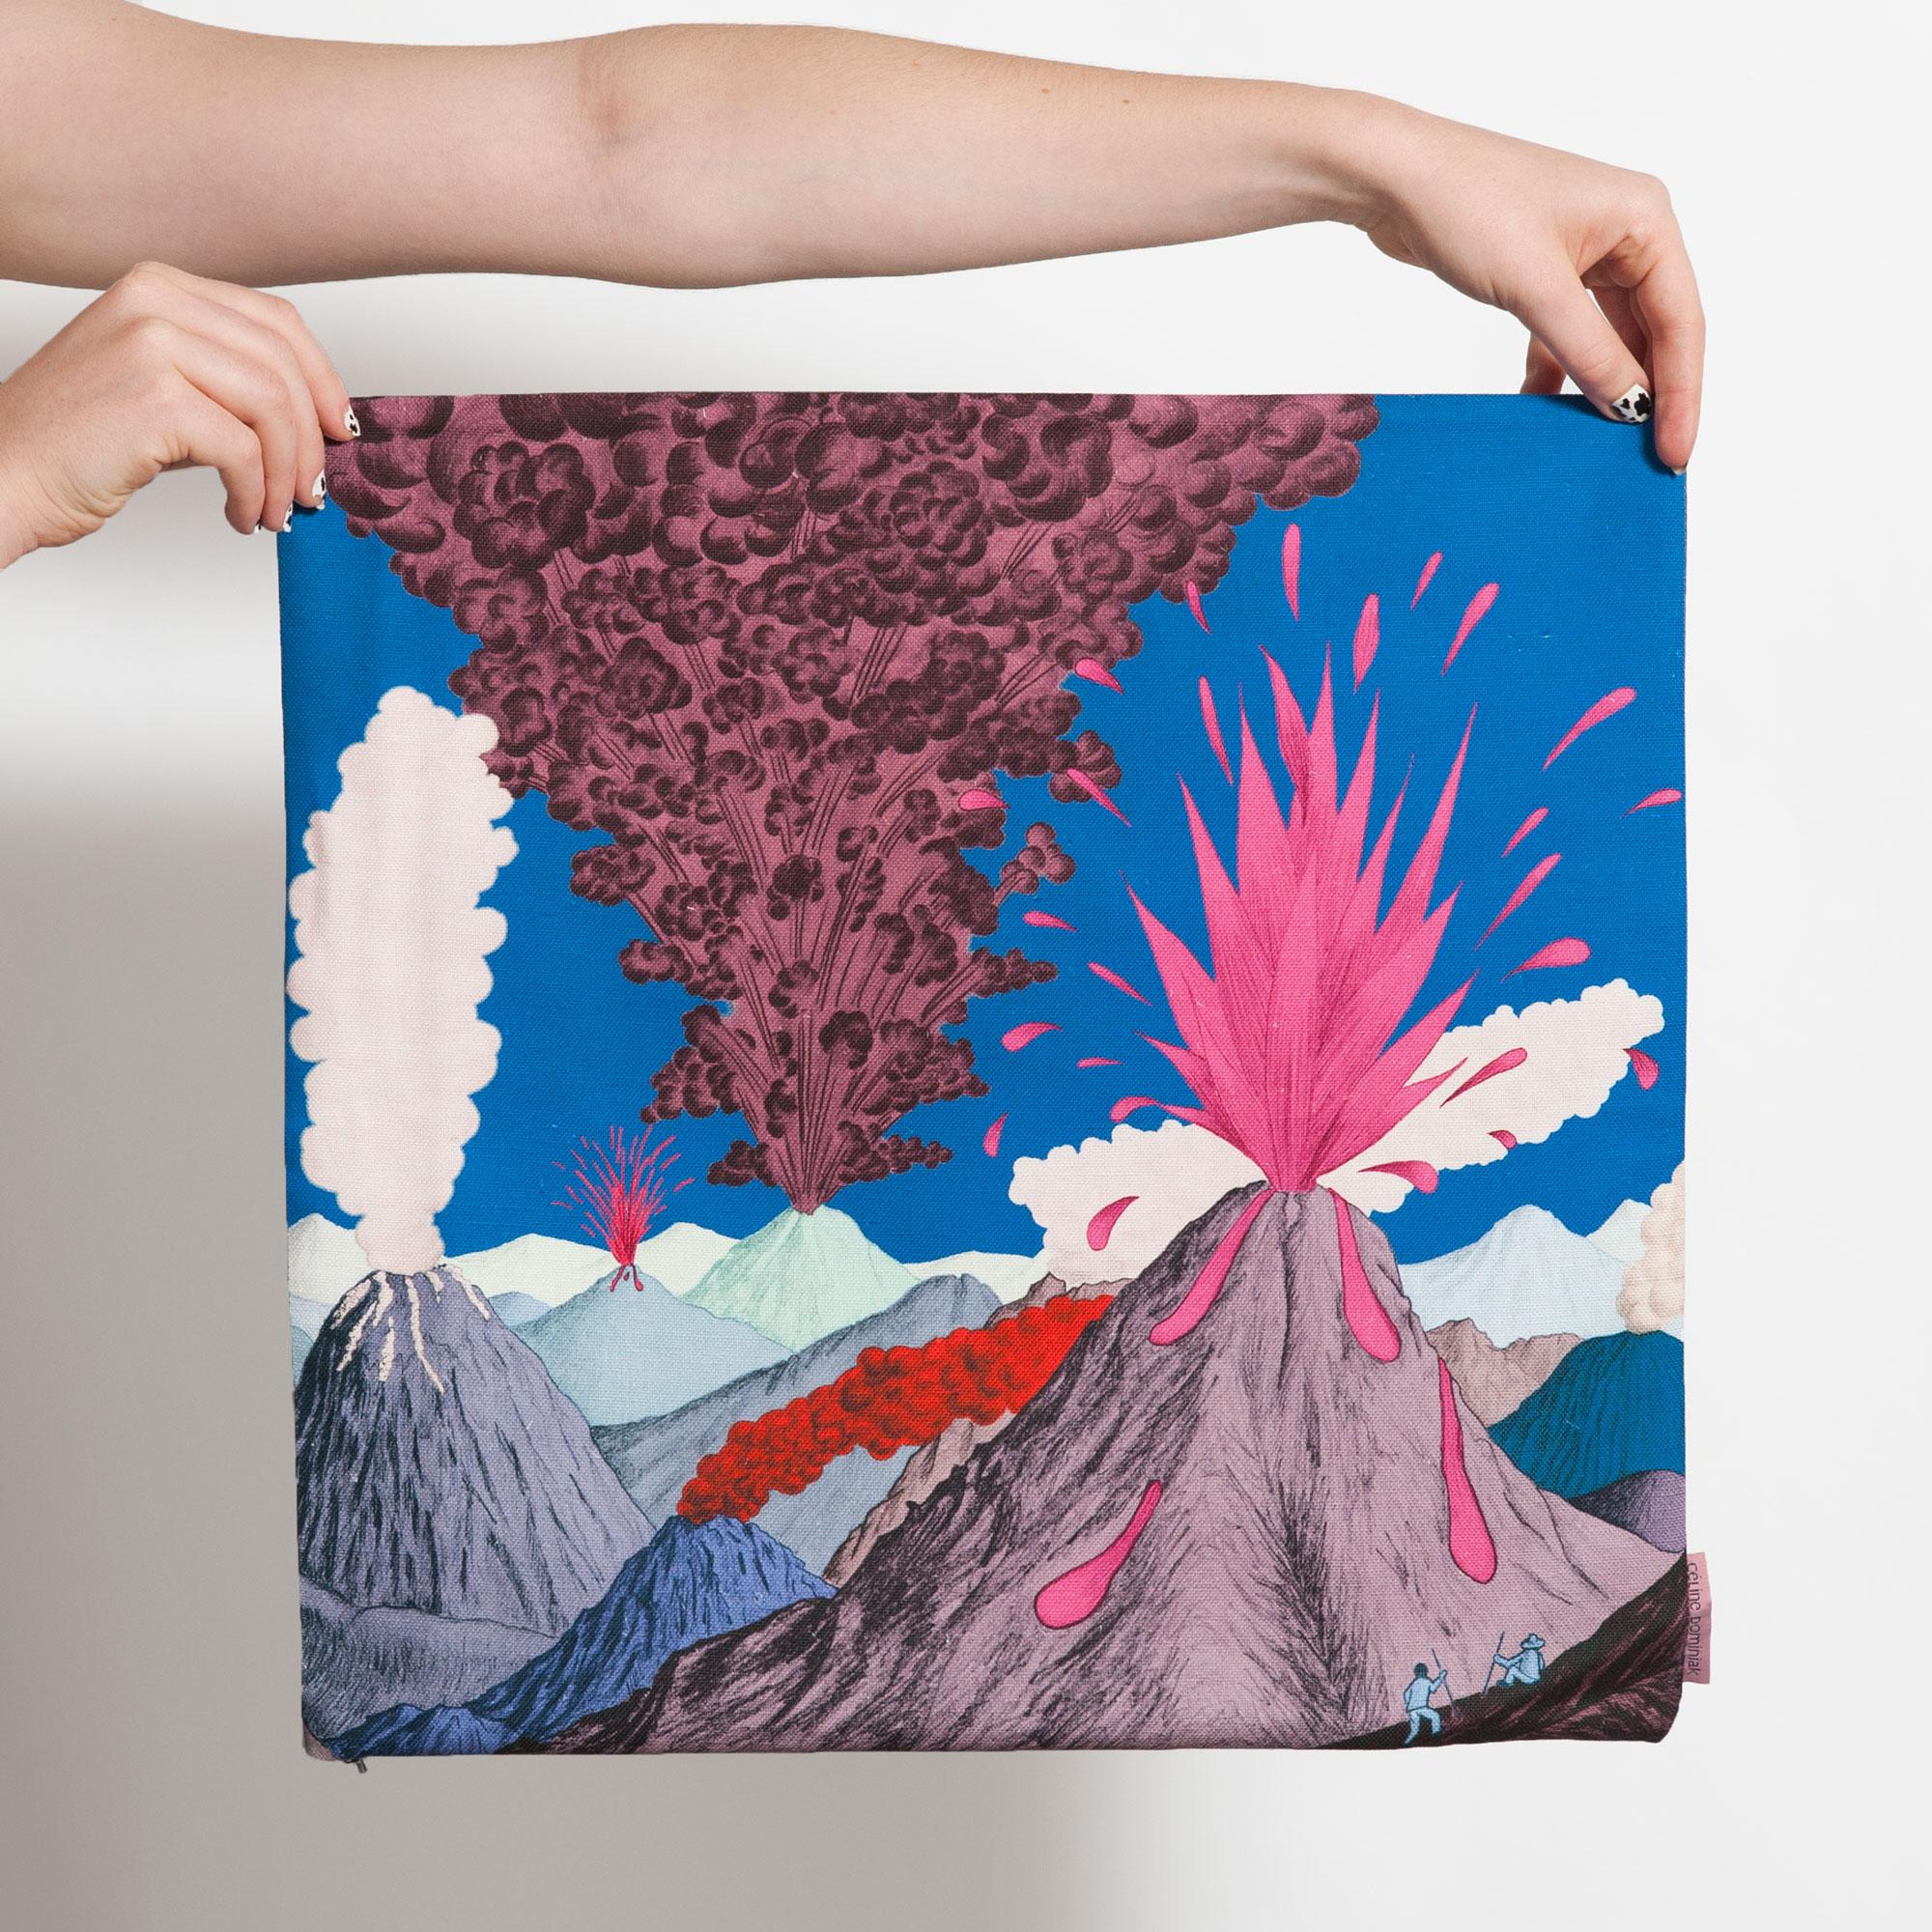 Housse de coussin carrée avec paysage de volcans roses et ciel bleu de Céline Dominiak